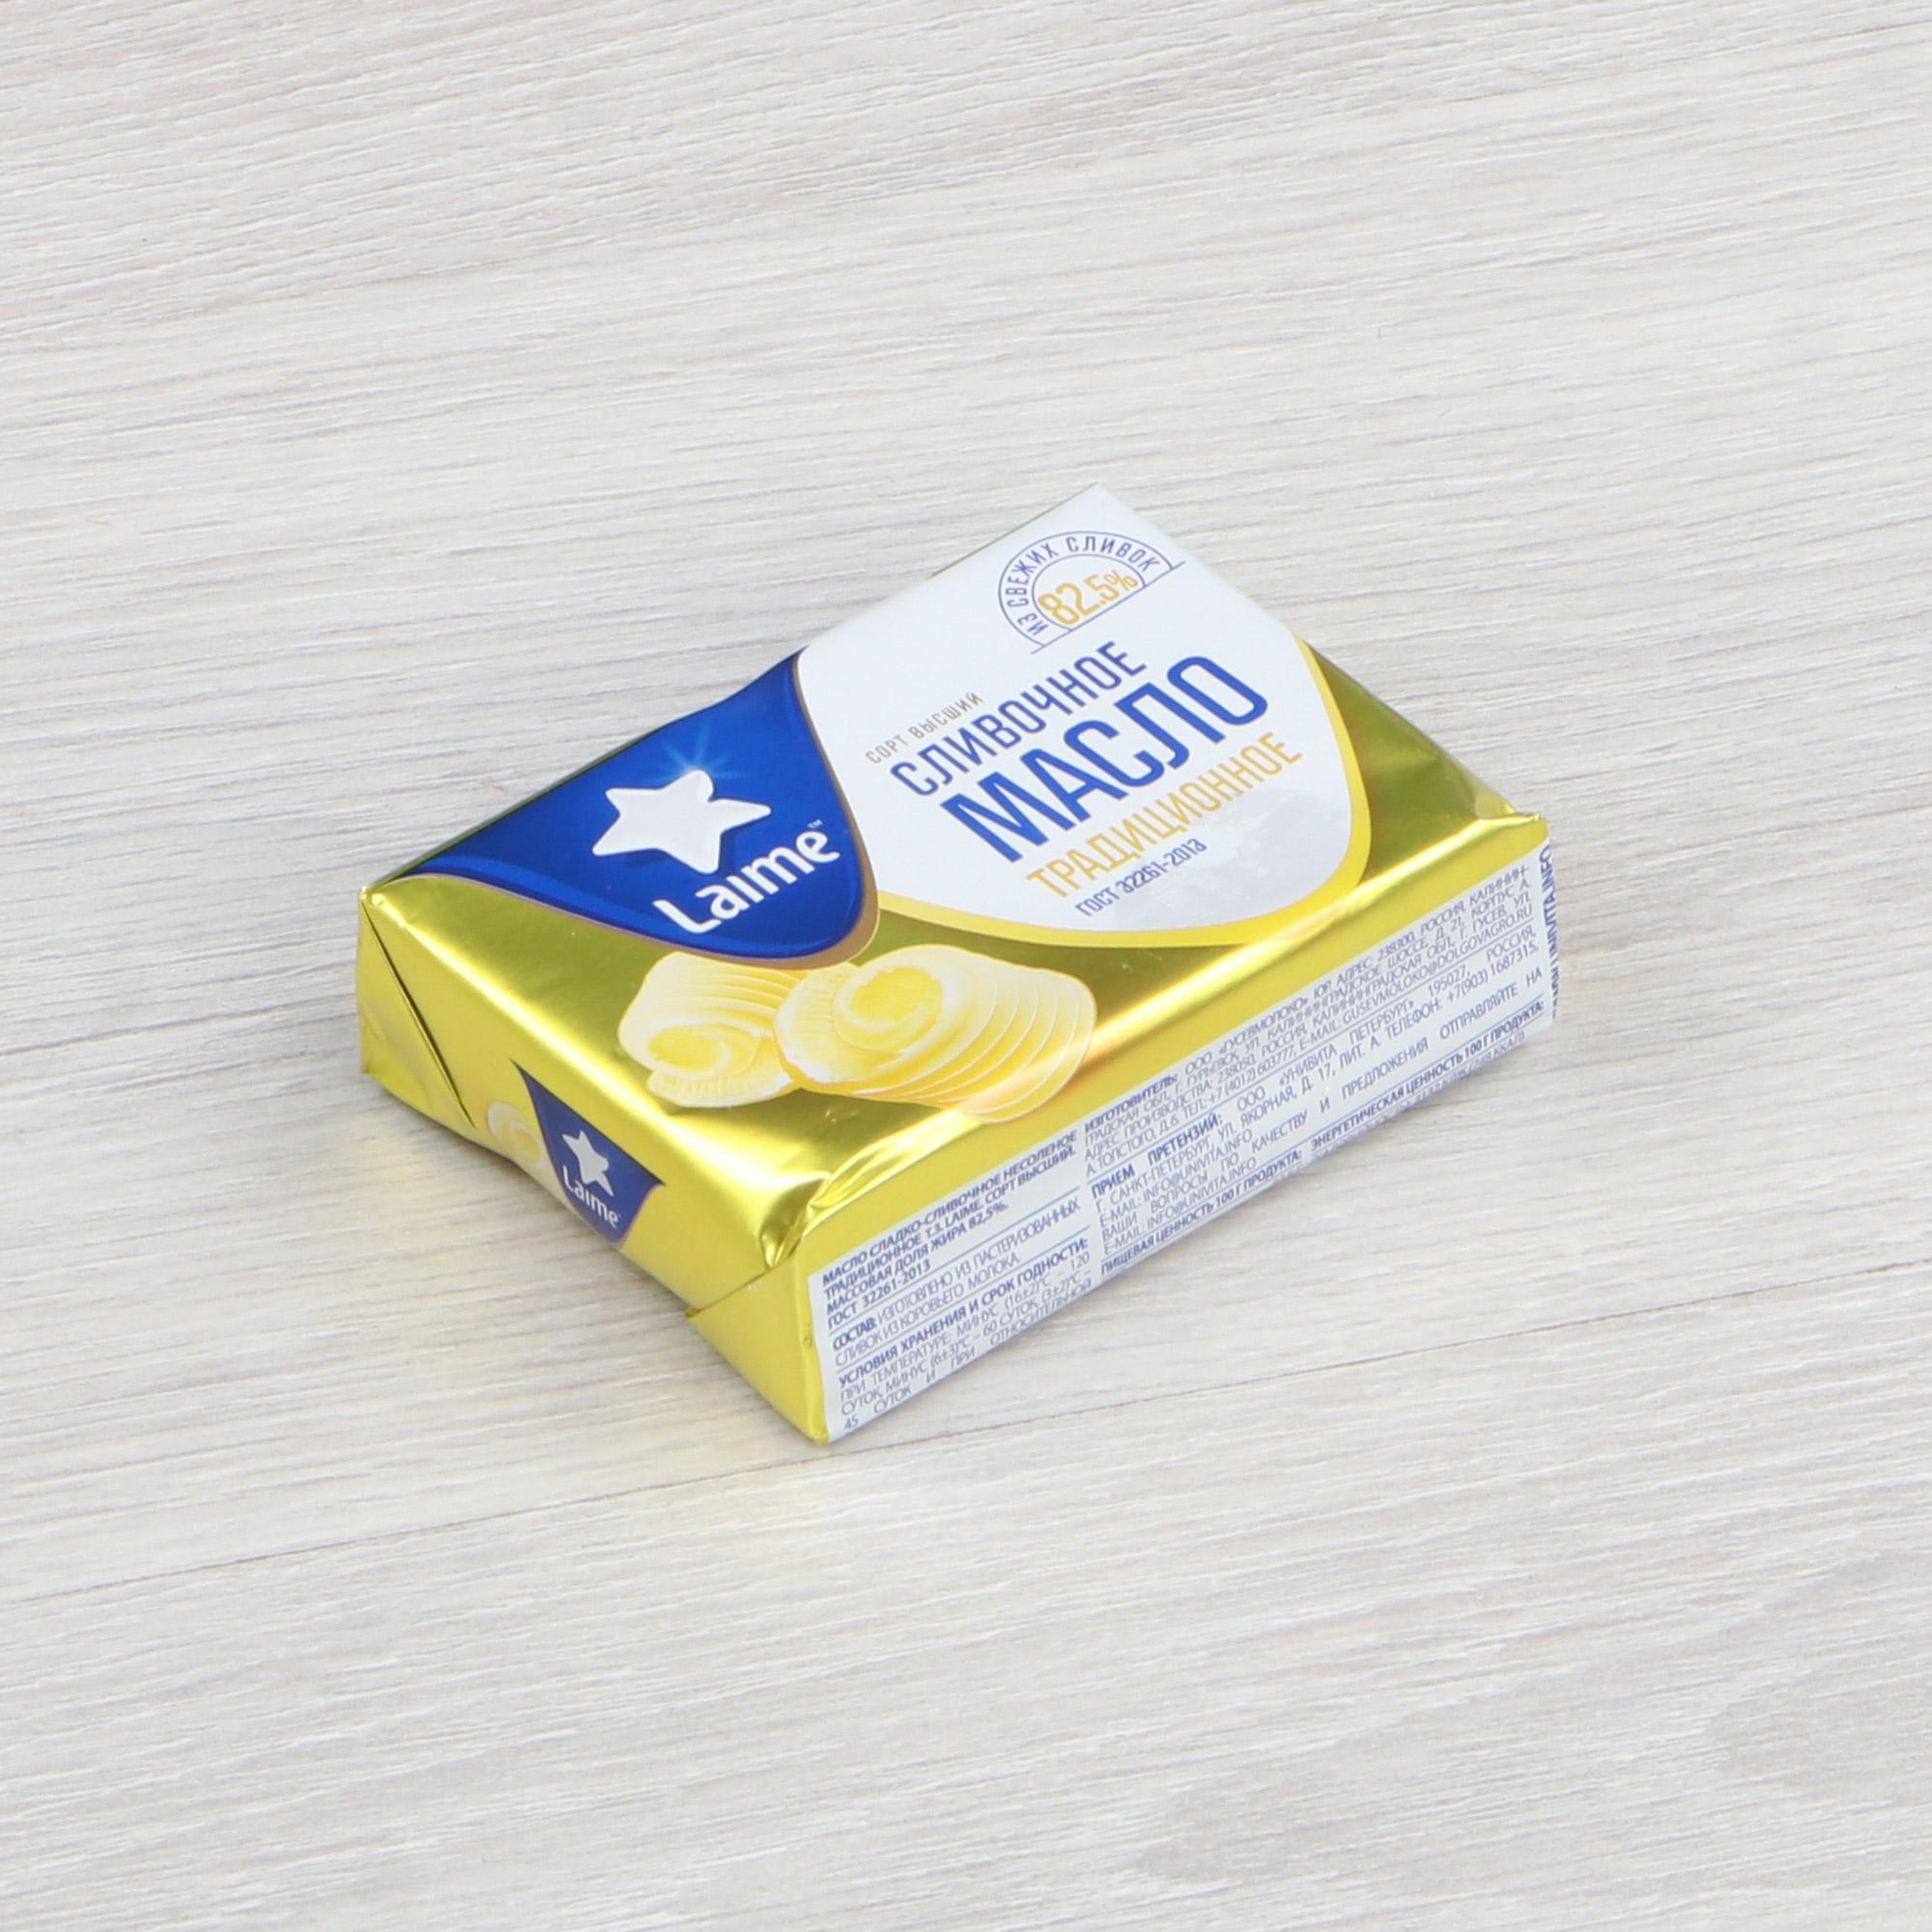 Фото - Масло сливочное Laime 82,5% 180 г масло у палыча сливочное с травами прованса 62% 180 г